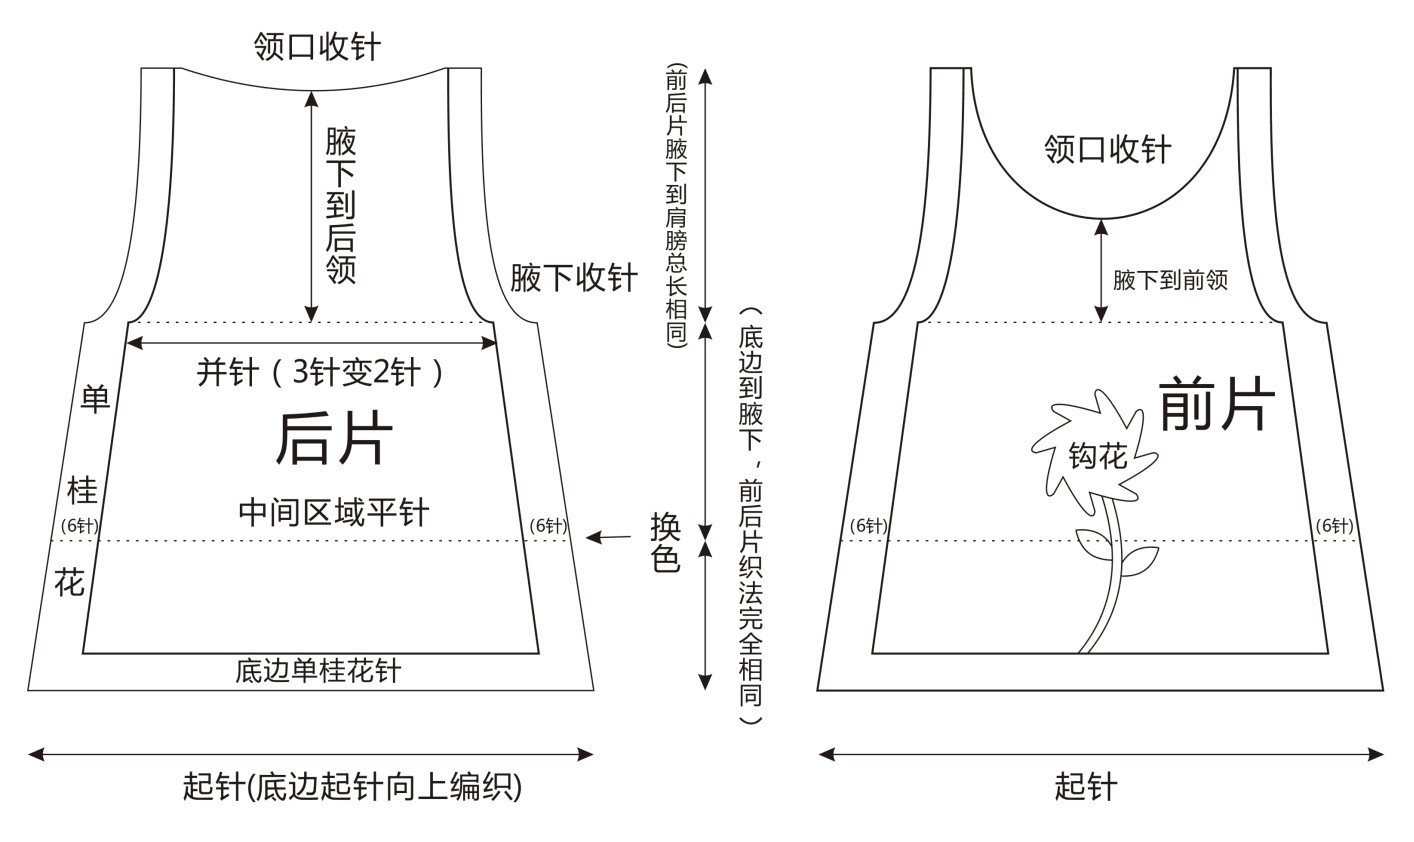 2-1-7,余下55针,从腋下起向上织6-7厘米进行前领口的收针, 中间平留17